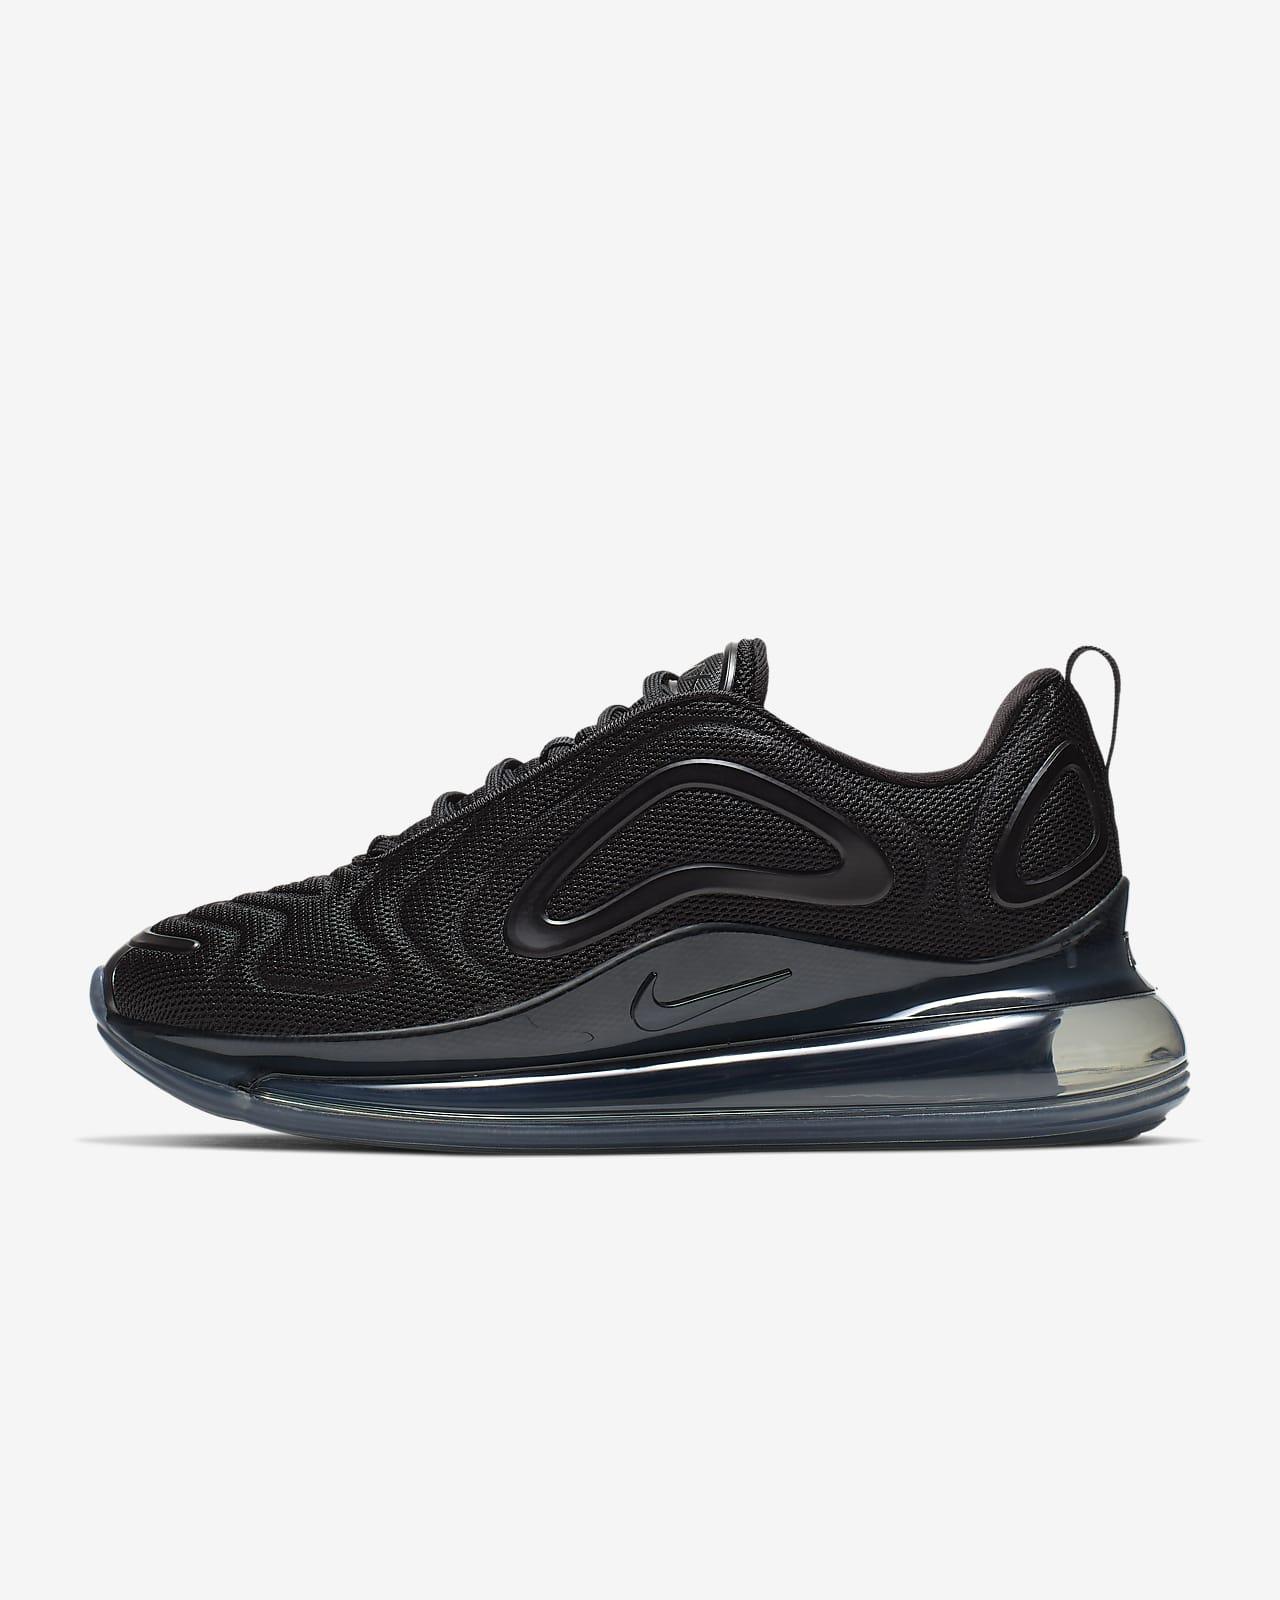 Kjøp Nike Air Max 720 Blackblack sko Online | FOOTWAY.no